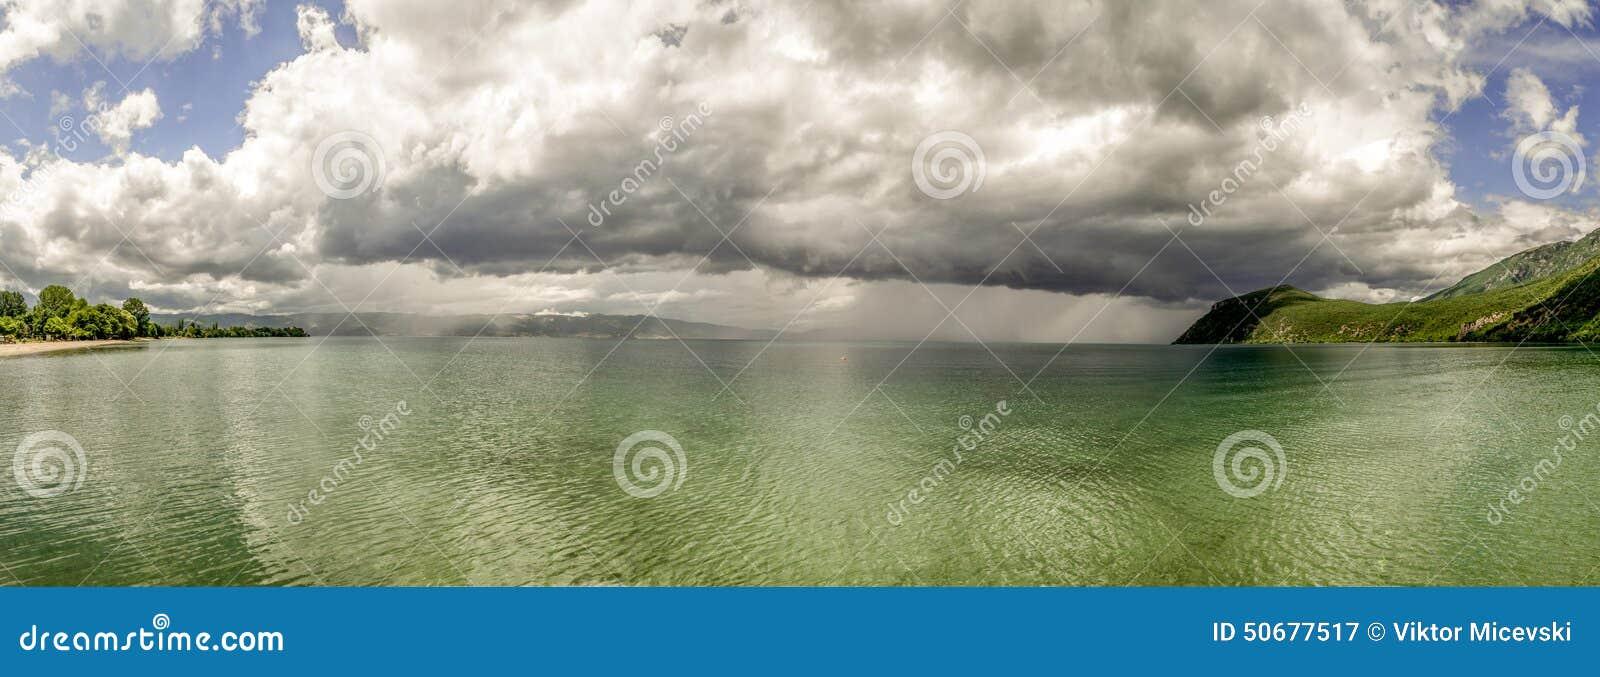 Download 湖全景 库存图片. 图片 包括有 绿色, 室外, 横向, 自然, 夏天, 风景, cloudscape, 蓝色 - 50677517